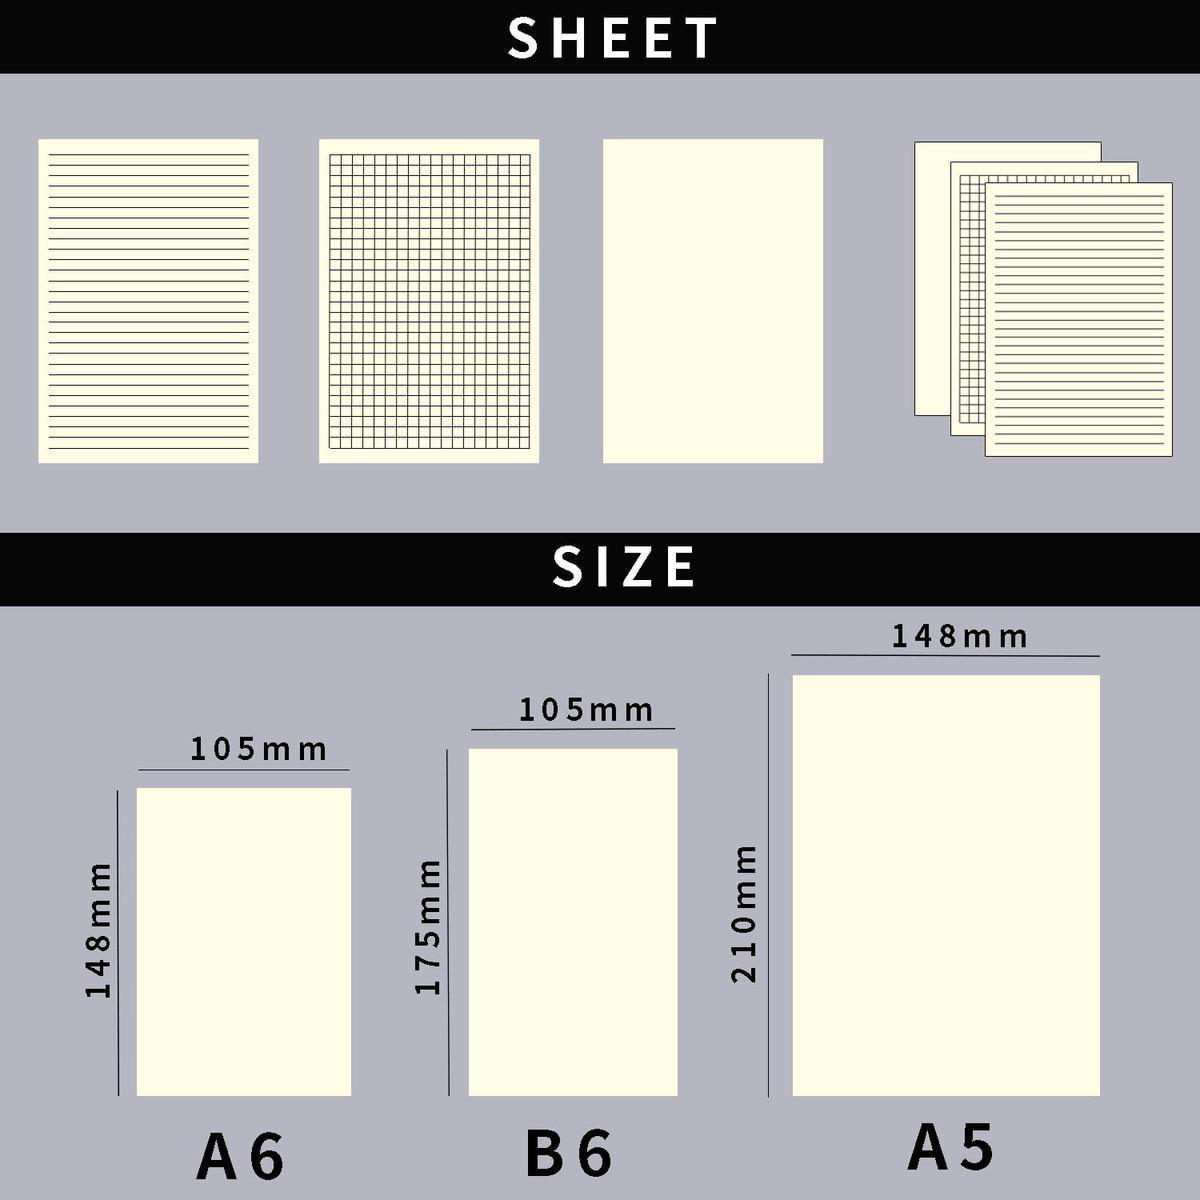 Brand New Planner Sätt in dagbokspåfyllnad för A5 A6 Storlek - Block och anteckningsböcker - Foto 2